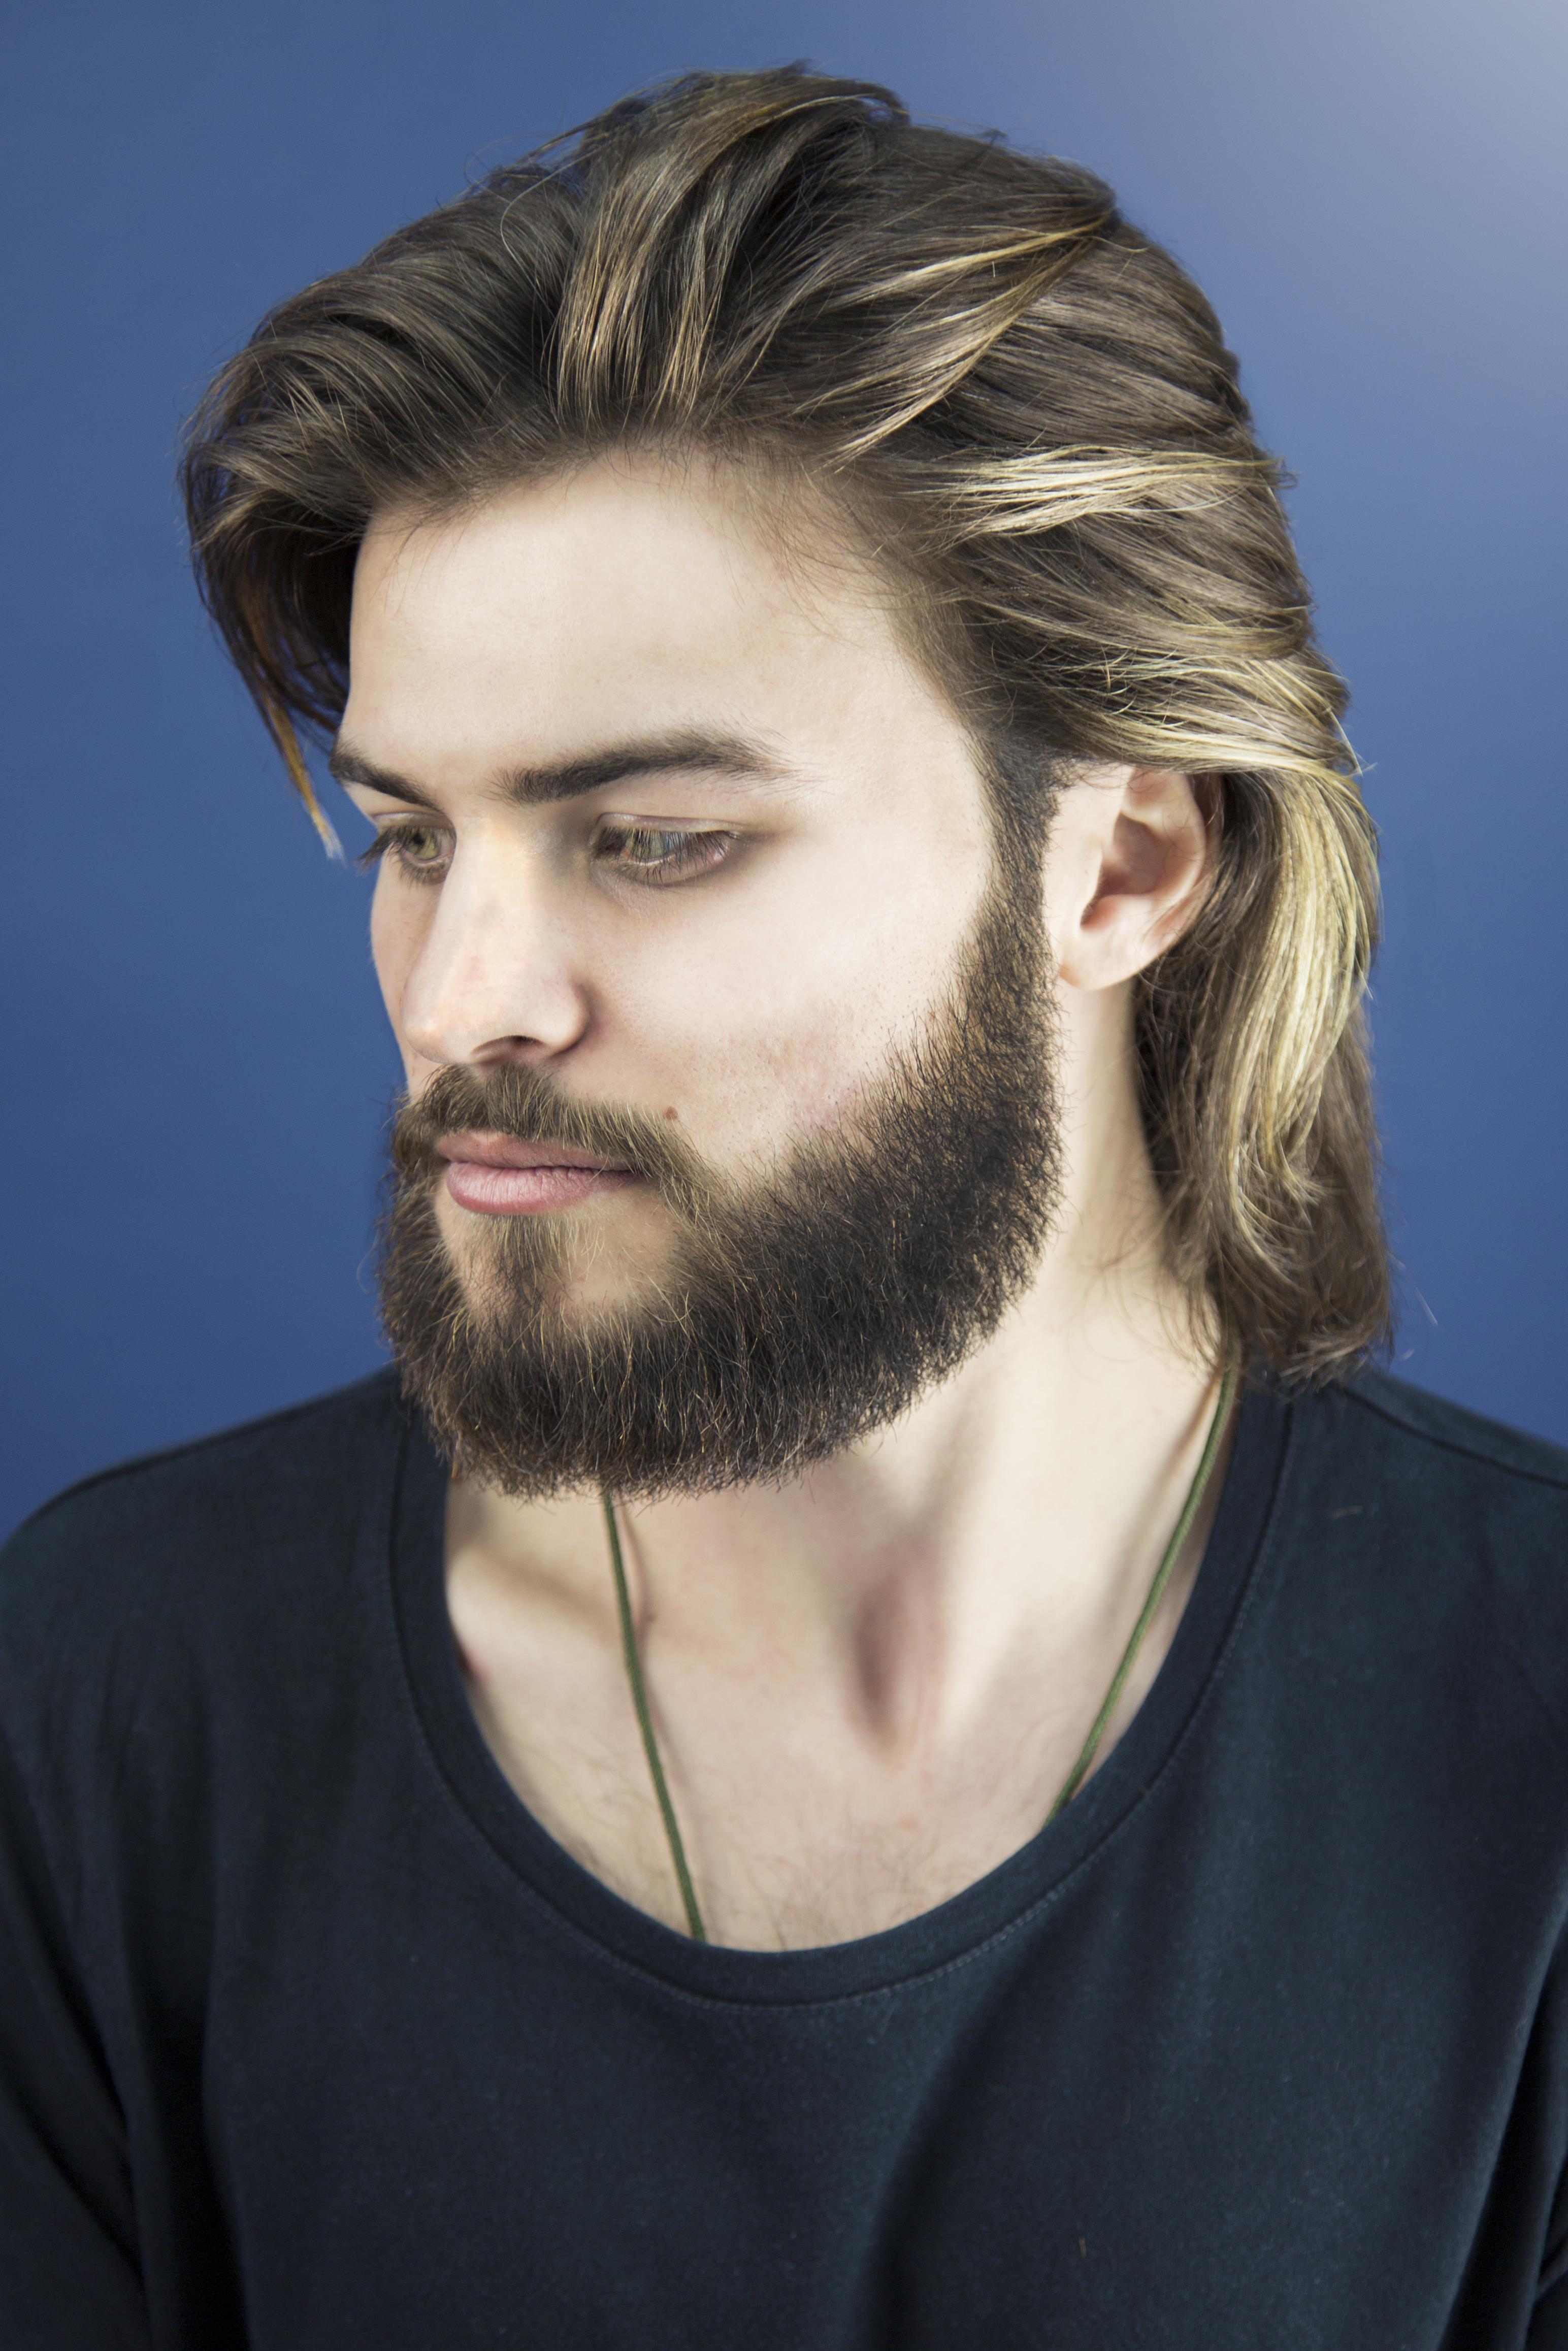 Longer Hair Amp Shorter Beards 2019 S Barbering Trends Revealed